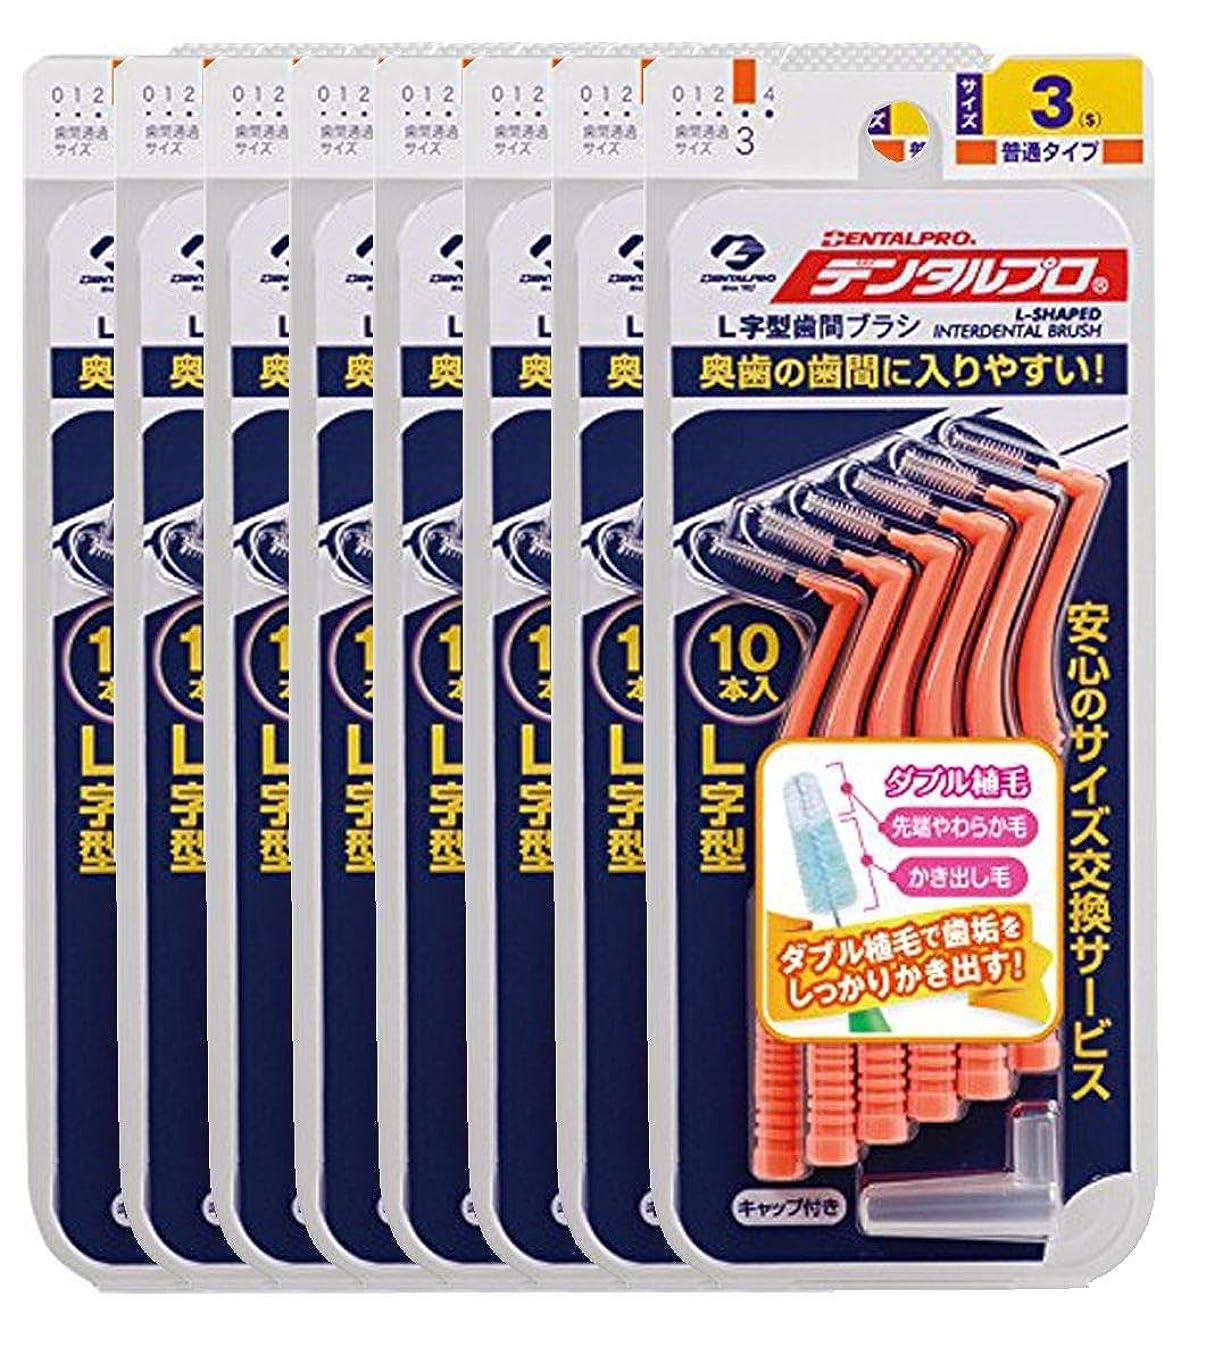 フルーツ予約ビジネスデンタルプロ 歯間ブラシ L字型 サイズ3(S) 10本 × 8個セット